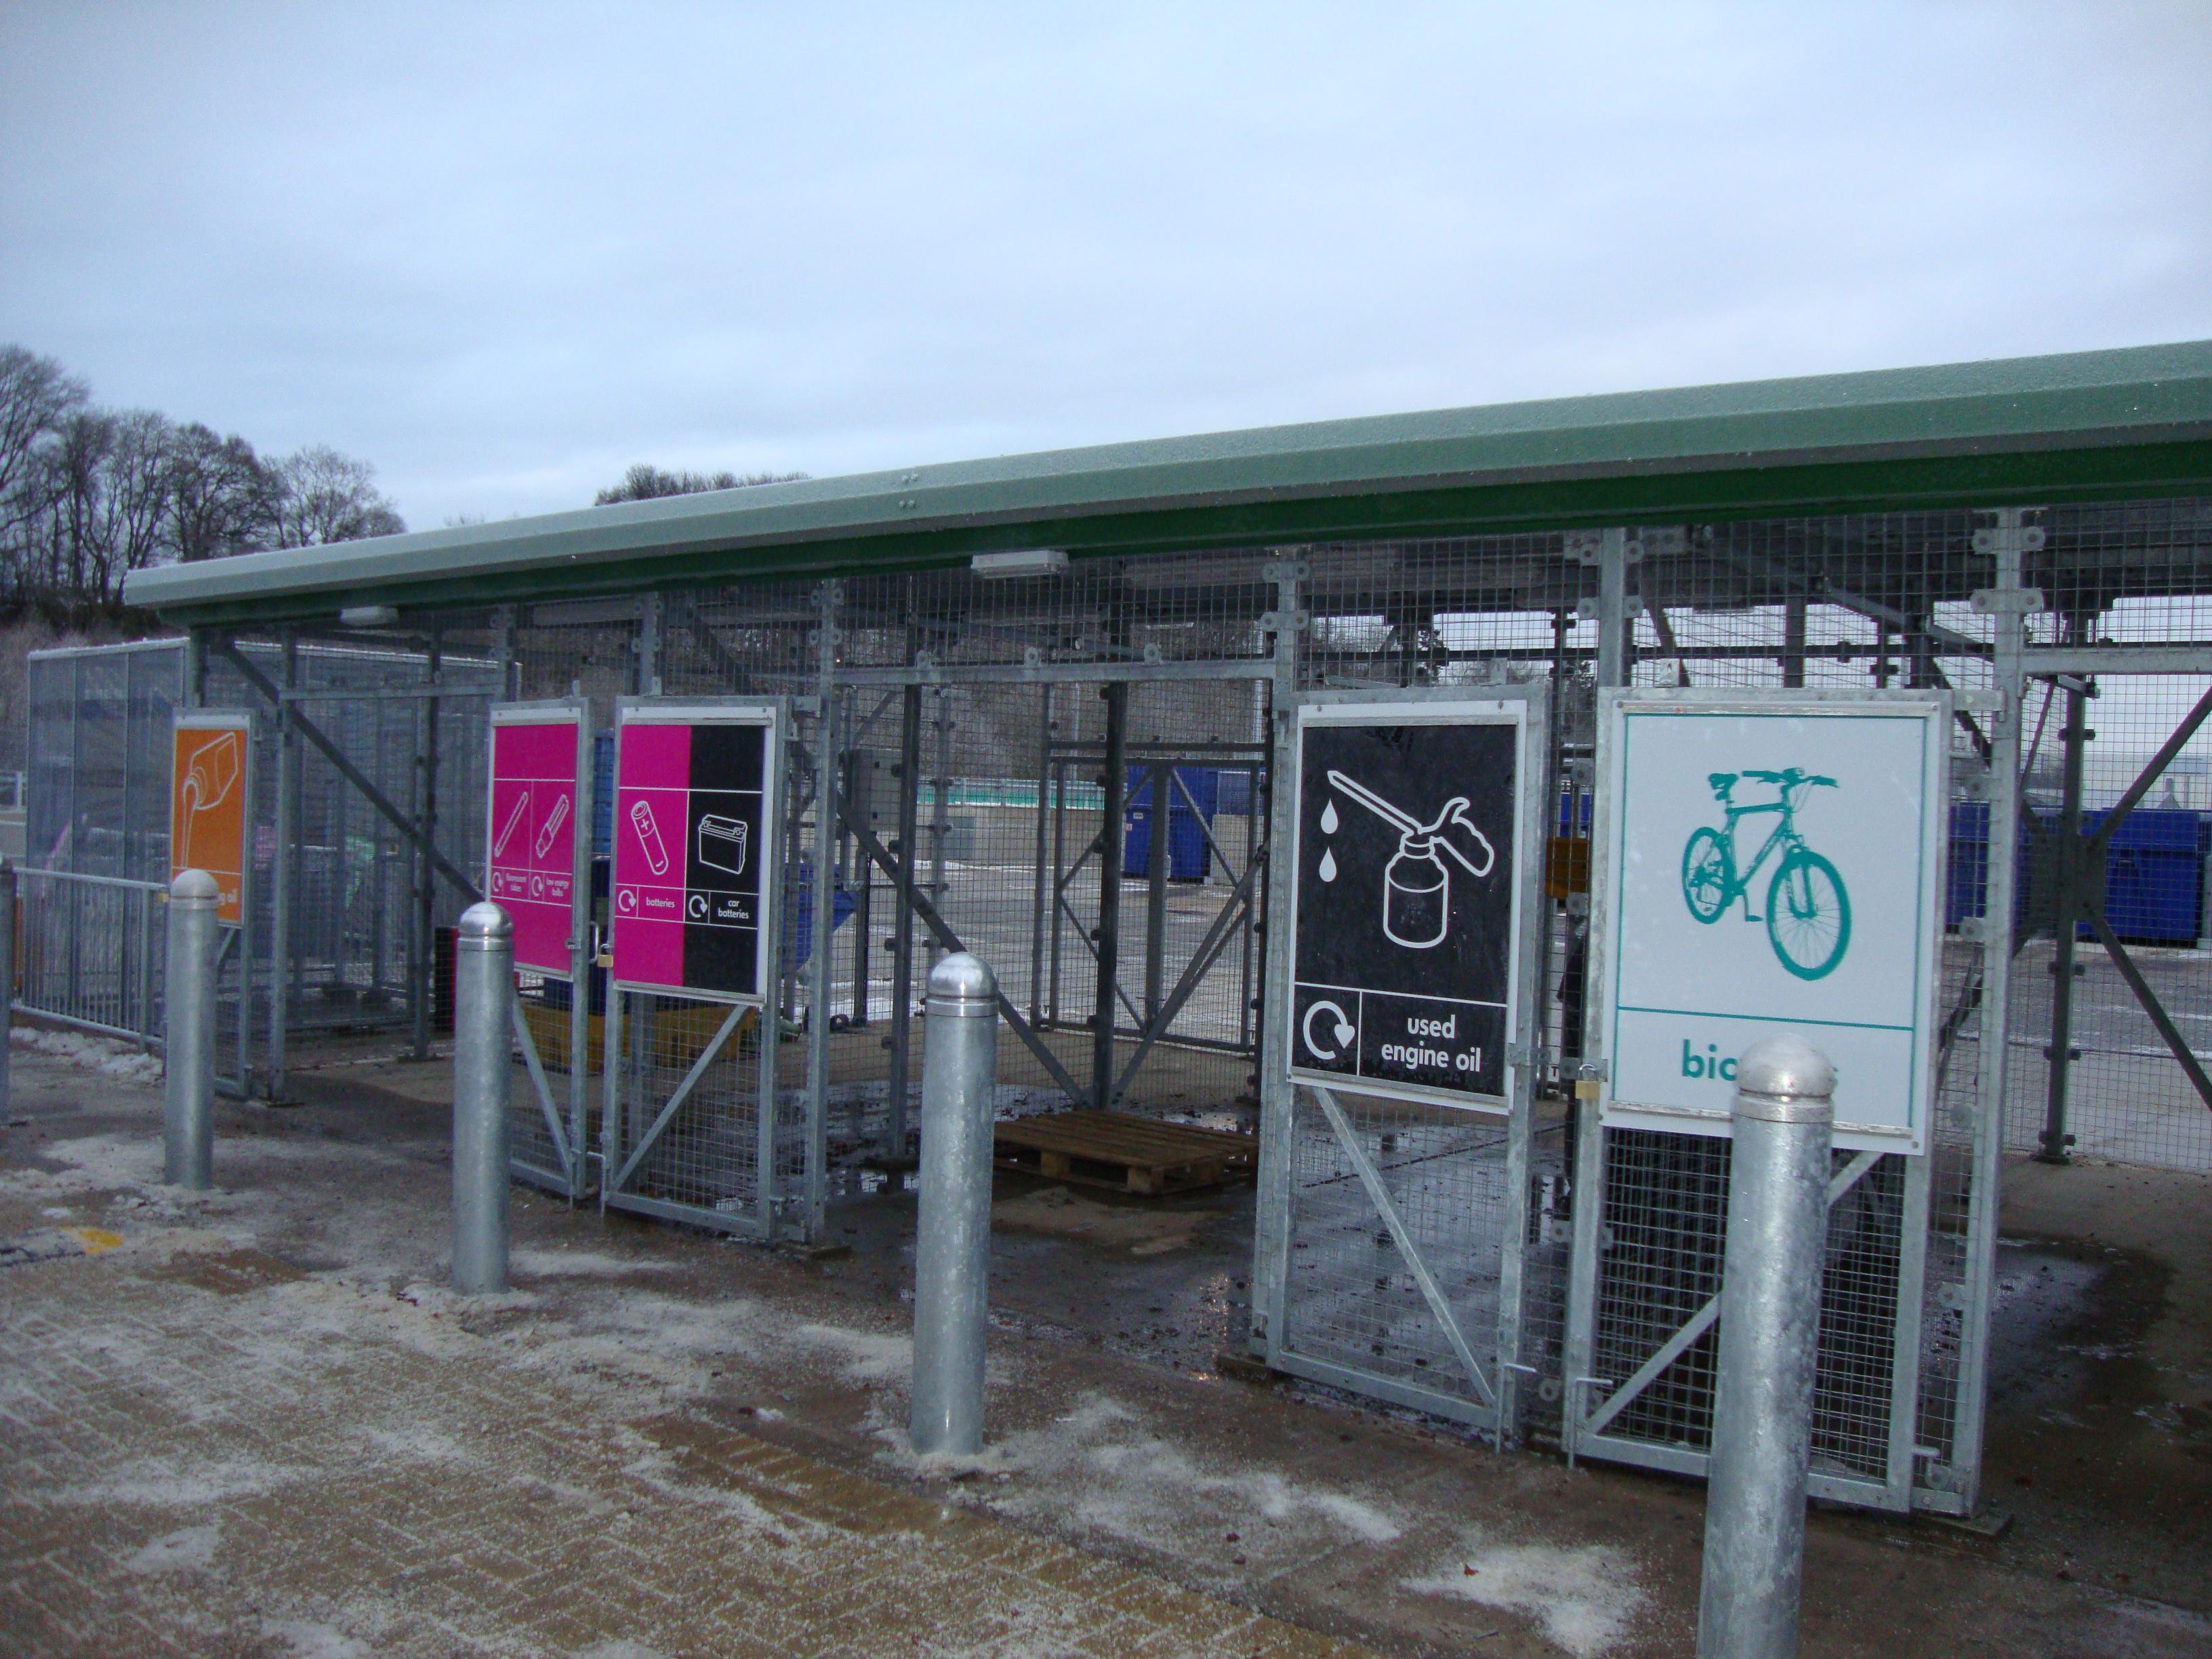 Inveralmond Recycling Centre Perth Rj Mcleod